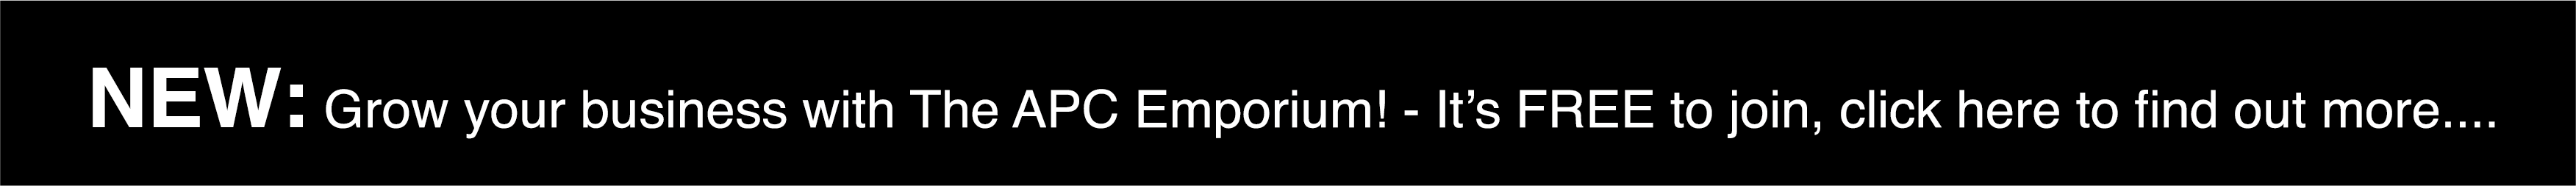 Emporium Promotional Banner